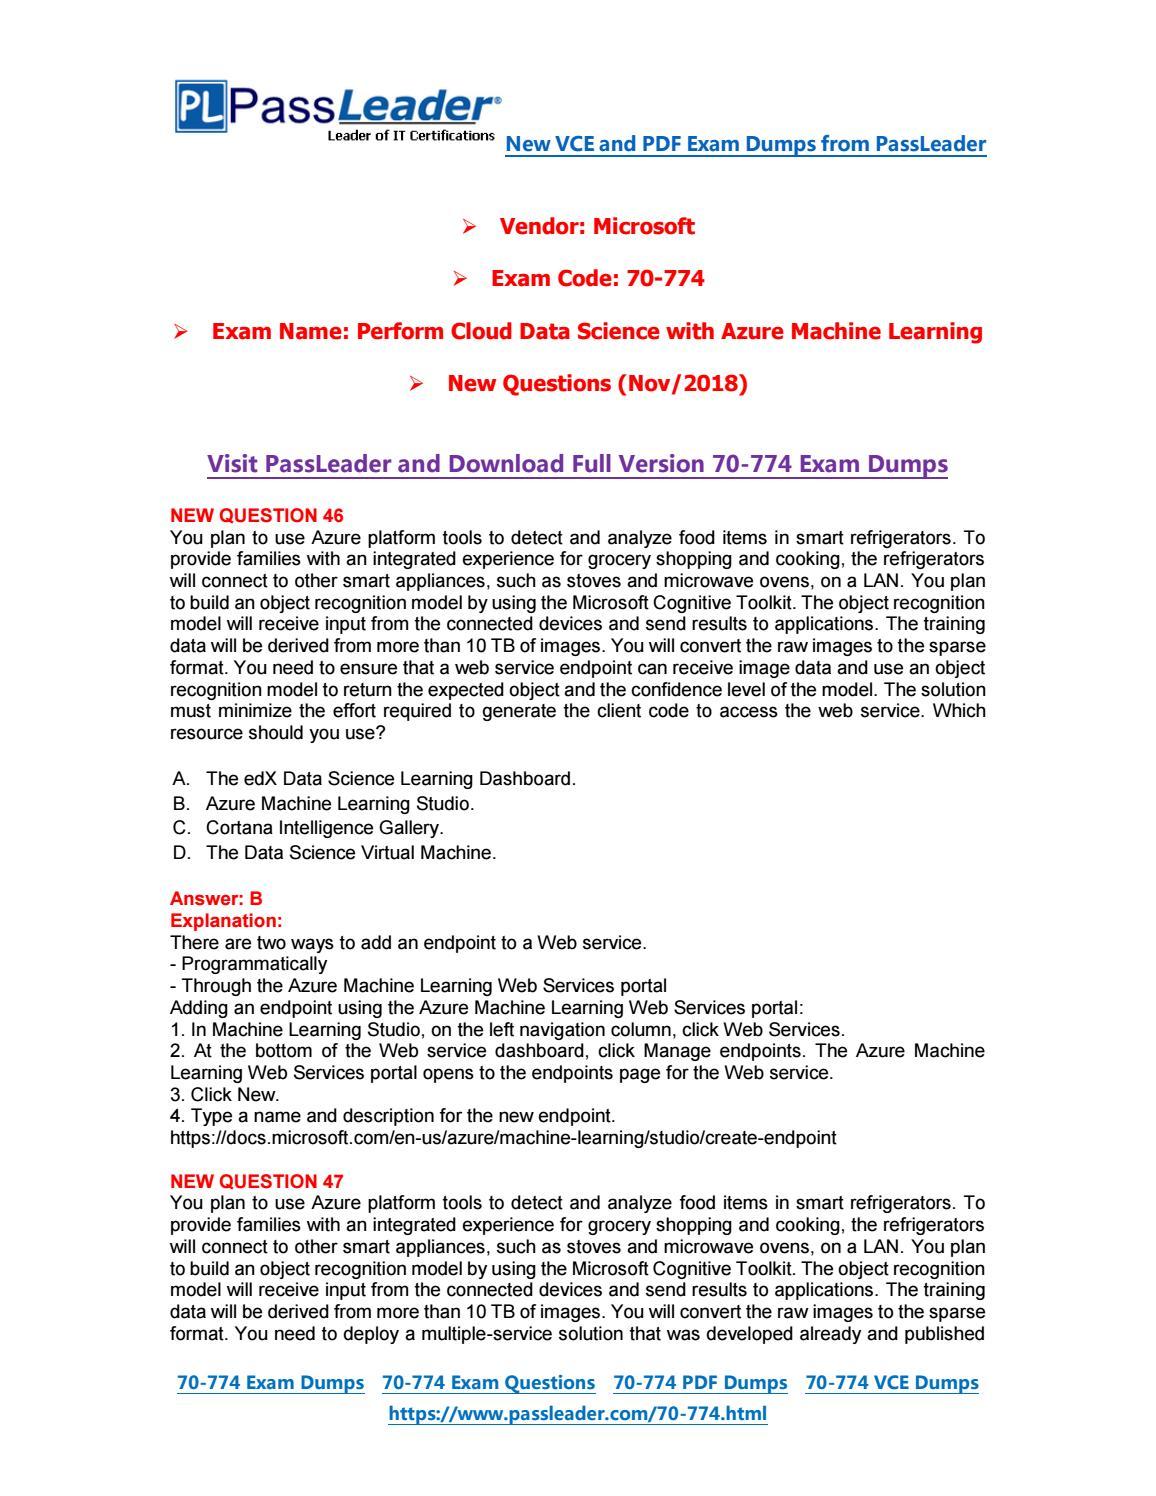 70 433 latest dumps pdf converter